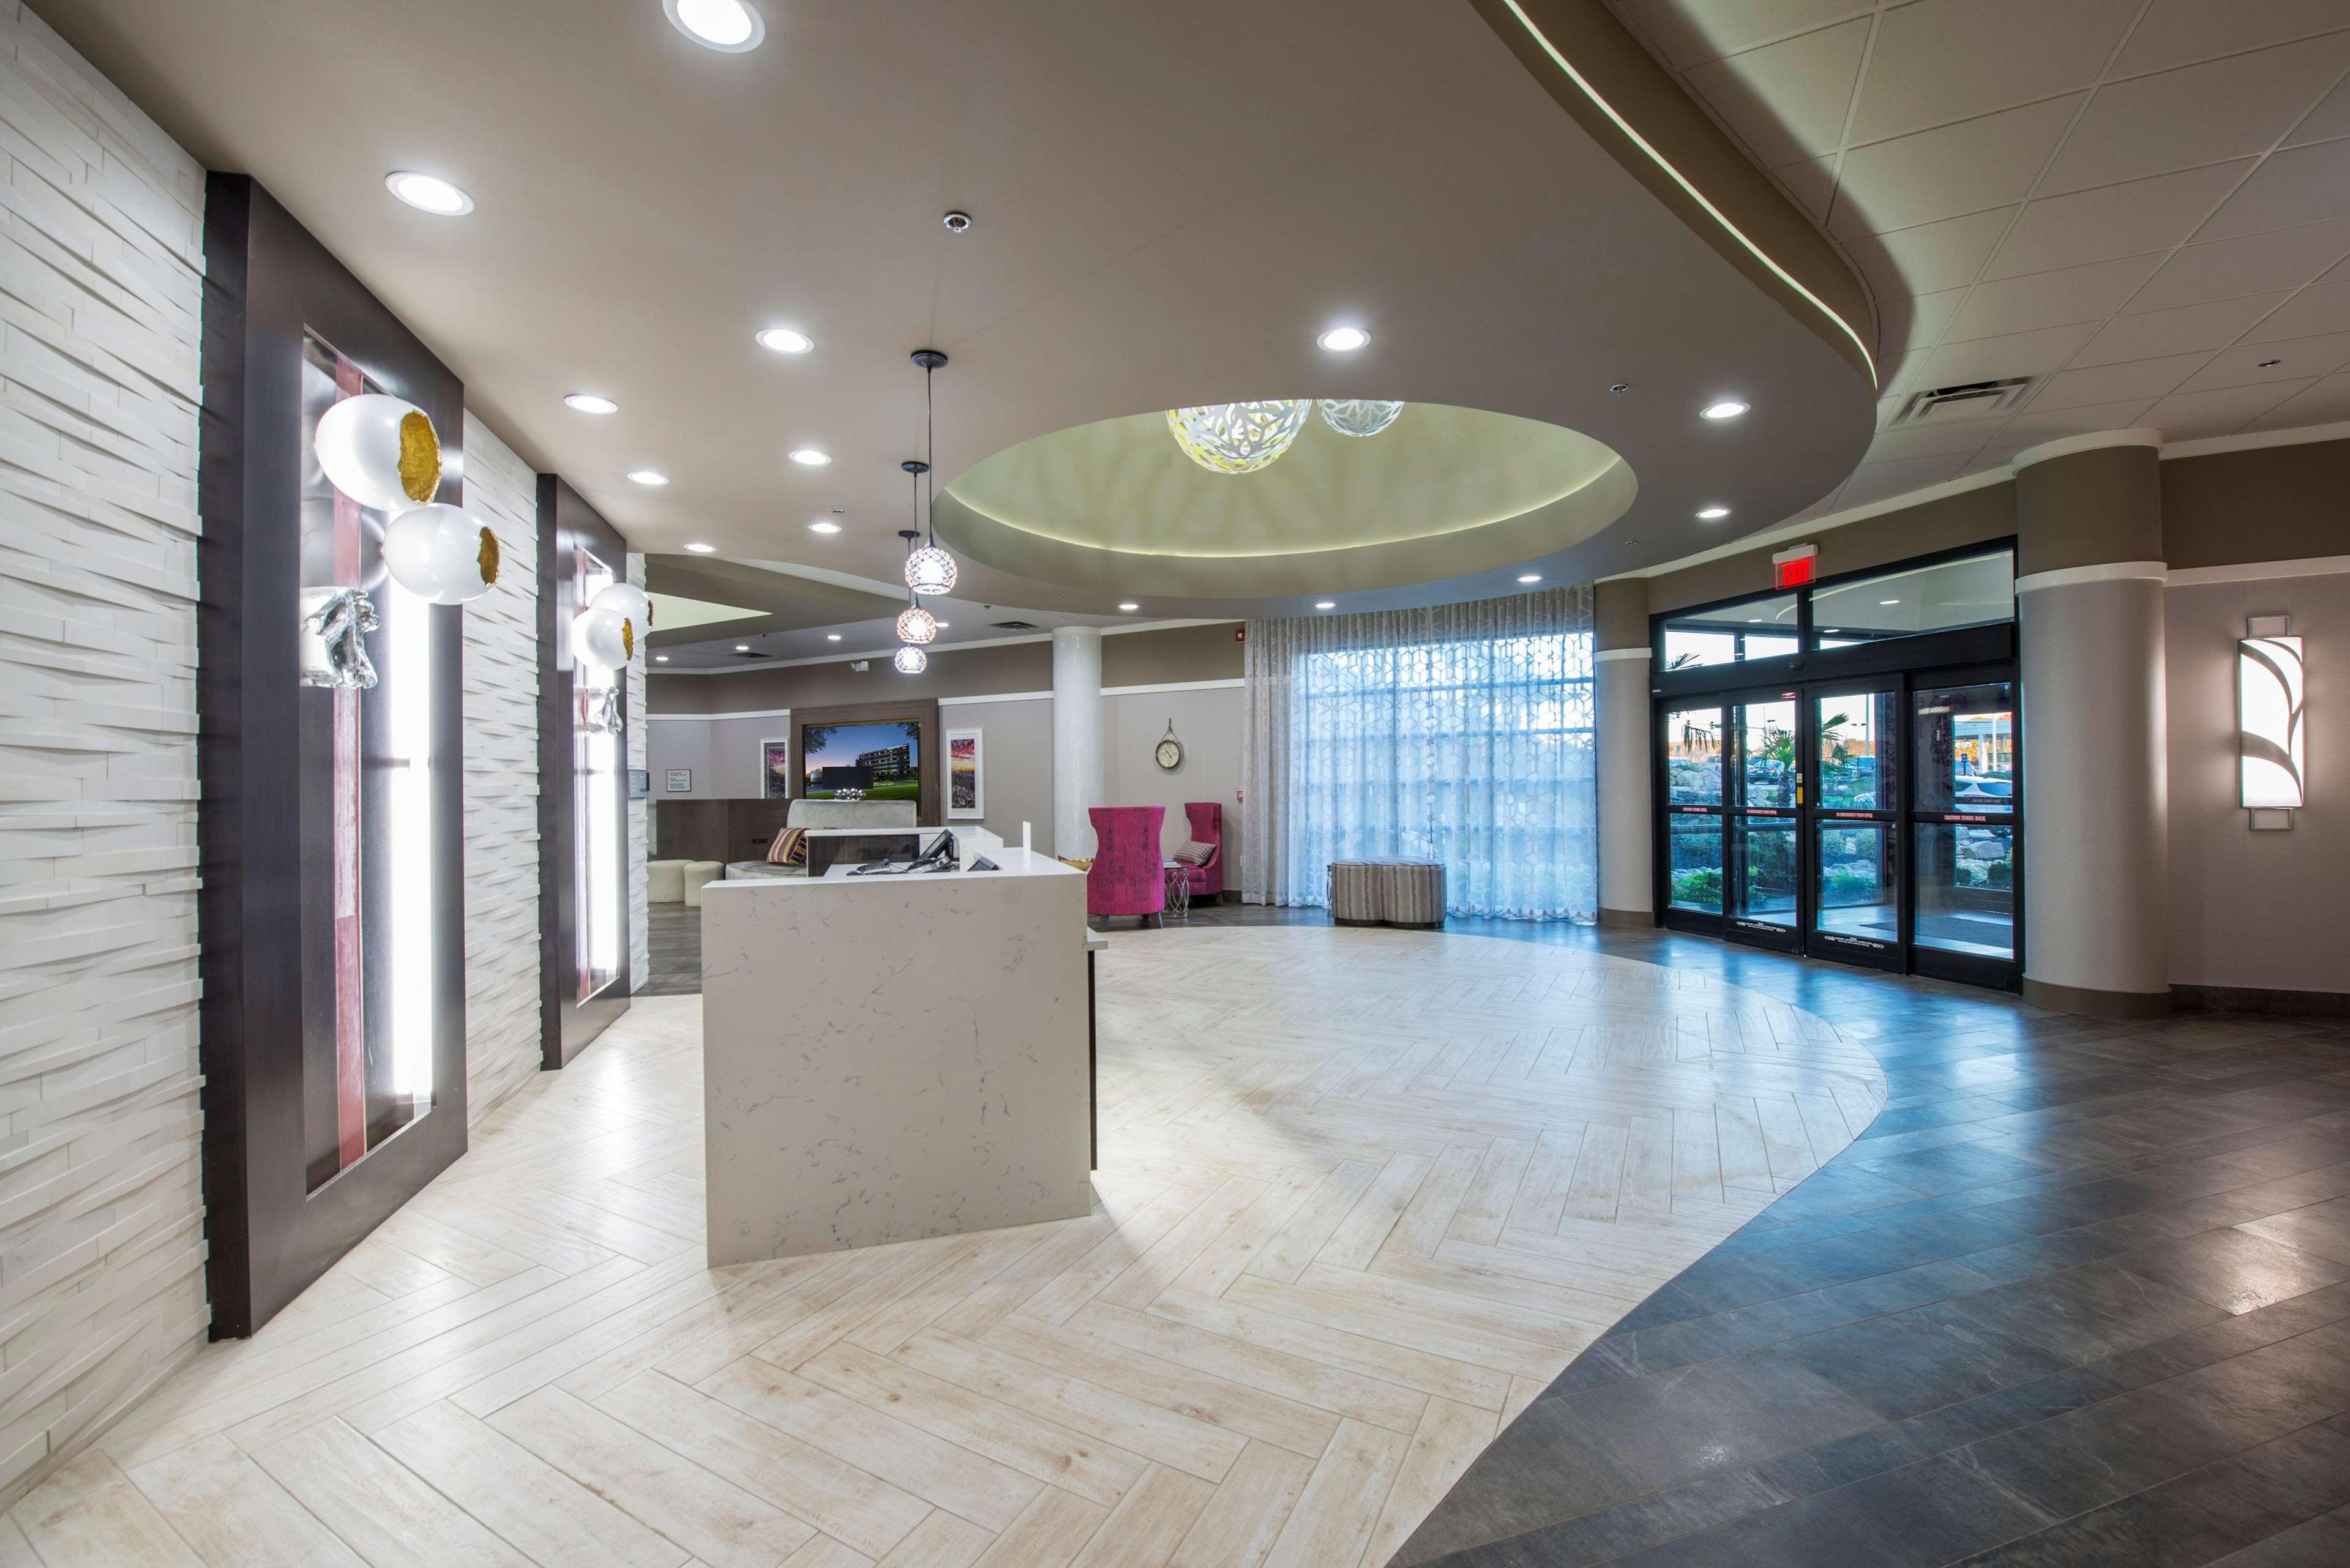 DoubleTree by Hilton Hotel Winston Salem - University image 22